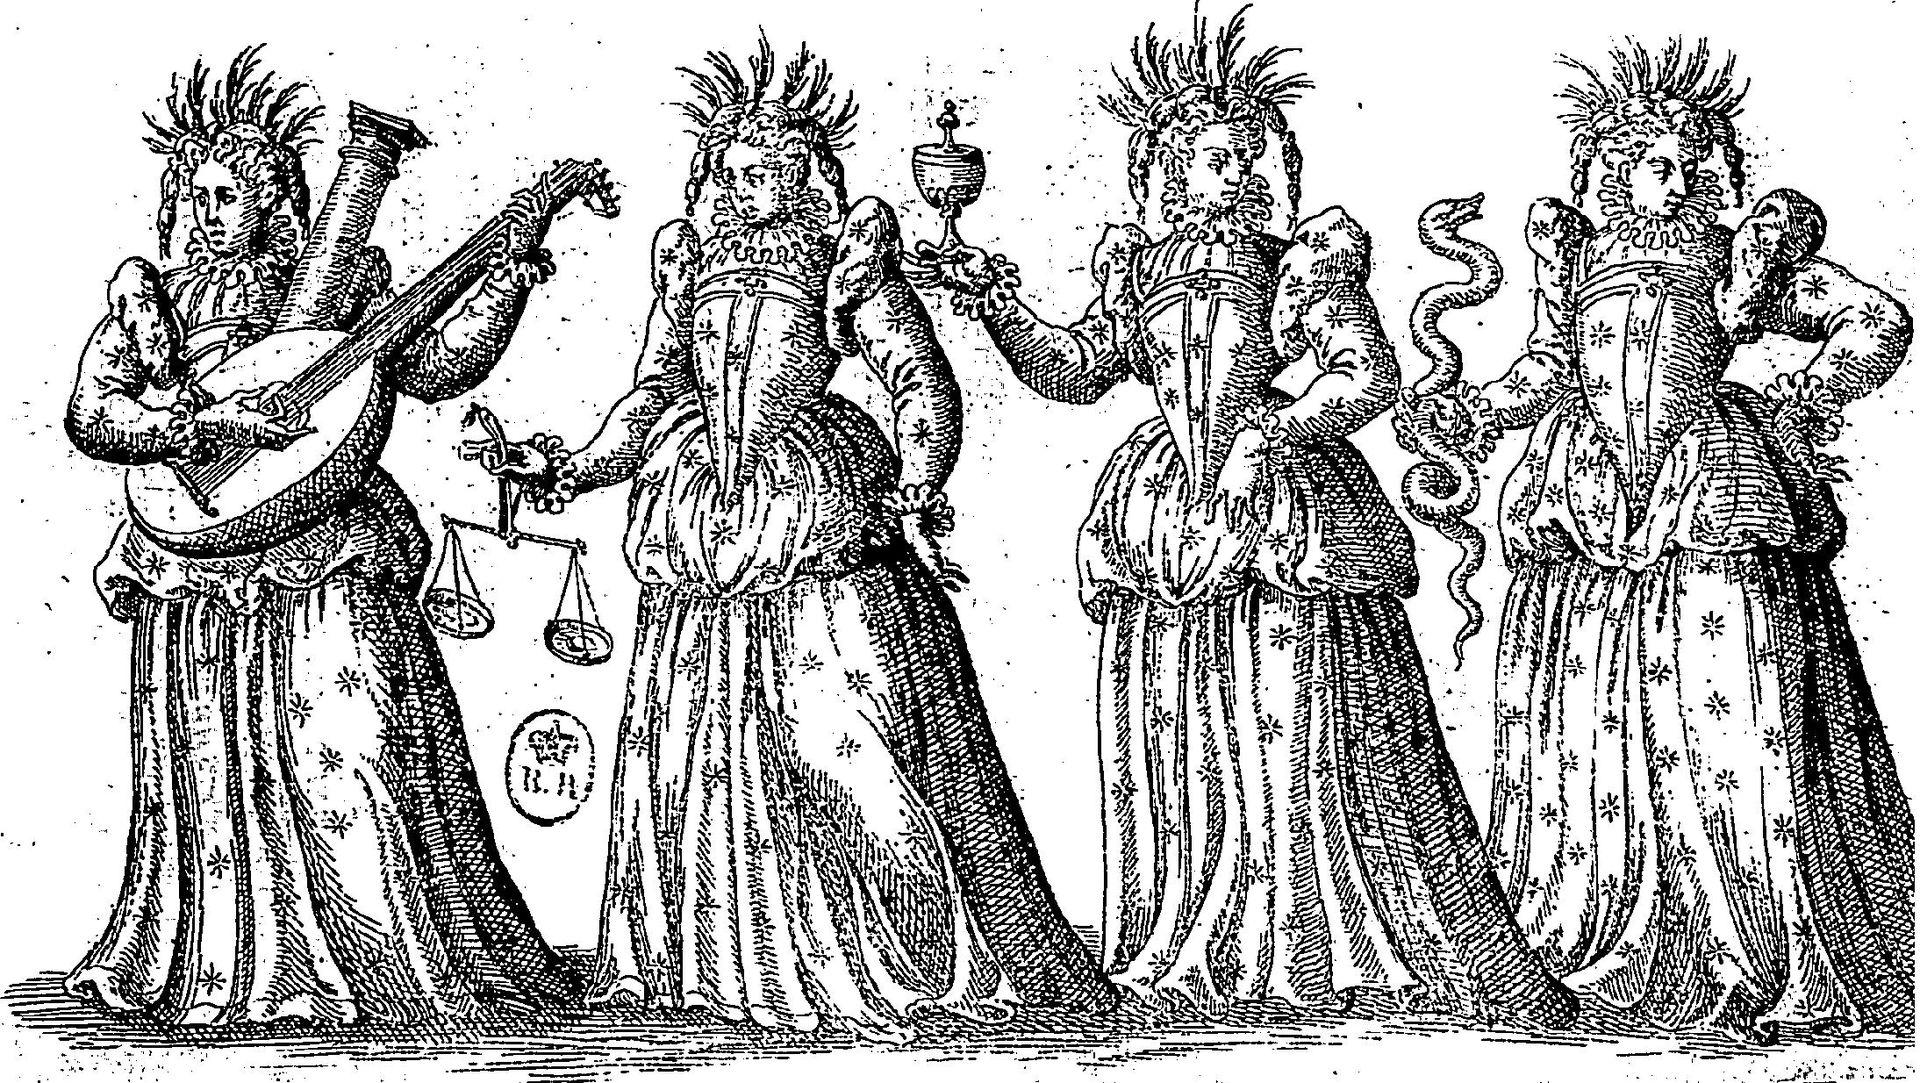 ภาพอุปลักษณ์ของคุณธรรมทั้ง 4 ประการ วาดโดย Jacques Patin ศิลปินชาวฝรั่งเศส คุณธรรมทั้ง 4 ถูกแทนด้วยภาพของสตรีสี่คนที่ถือสิ่งของแตกต่างกันออกไป เช่น ความกล้าหาญถูกแทนด้วยการแบกเสาหิน ความยุติธรรมถือตาชั่ง ความอดกลั้นมาพร้อมกับถ้วย และความถี่ถ้วนคือการระงับงูที่กำลังฉก (บางครั้งมาพร้อมกับกระจก)